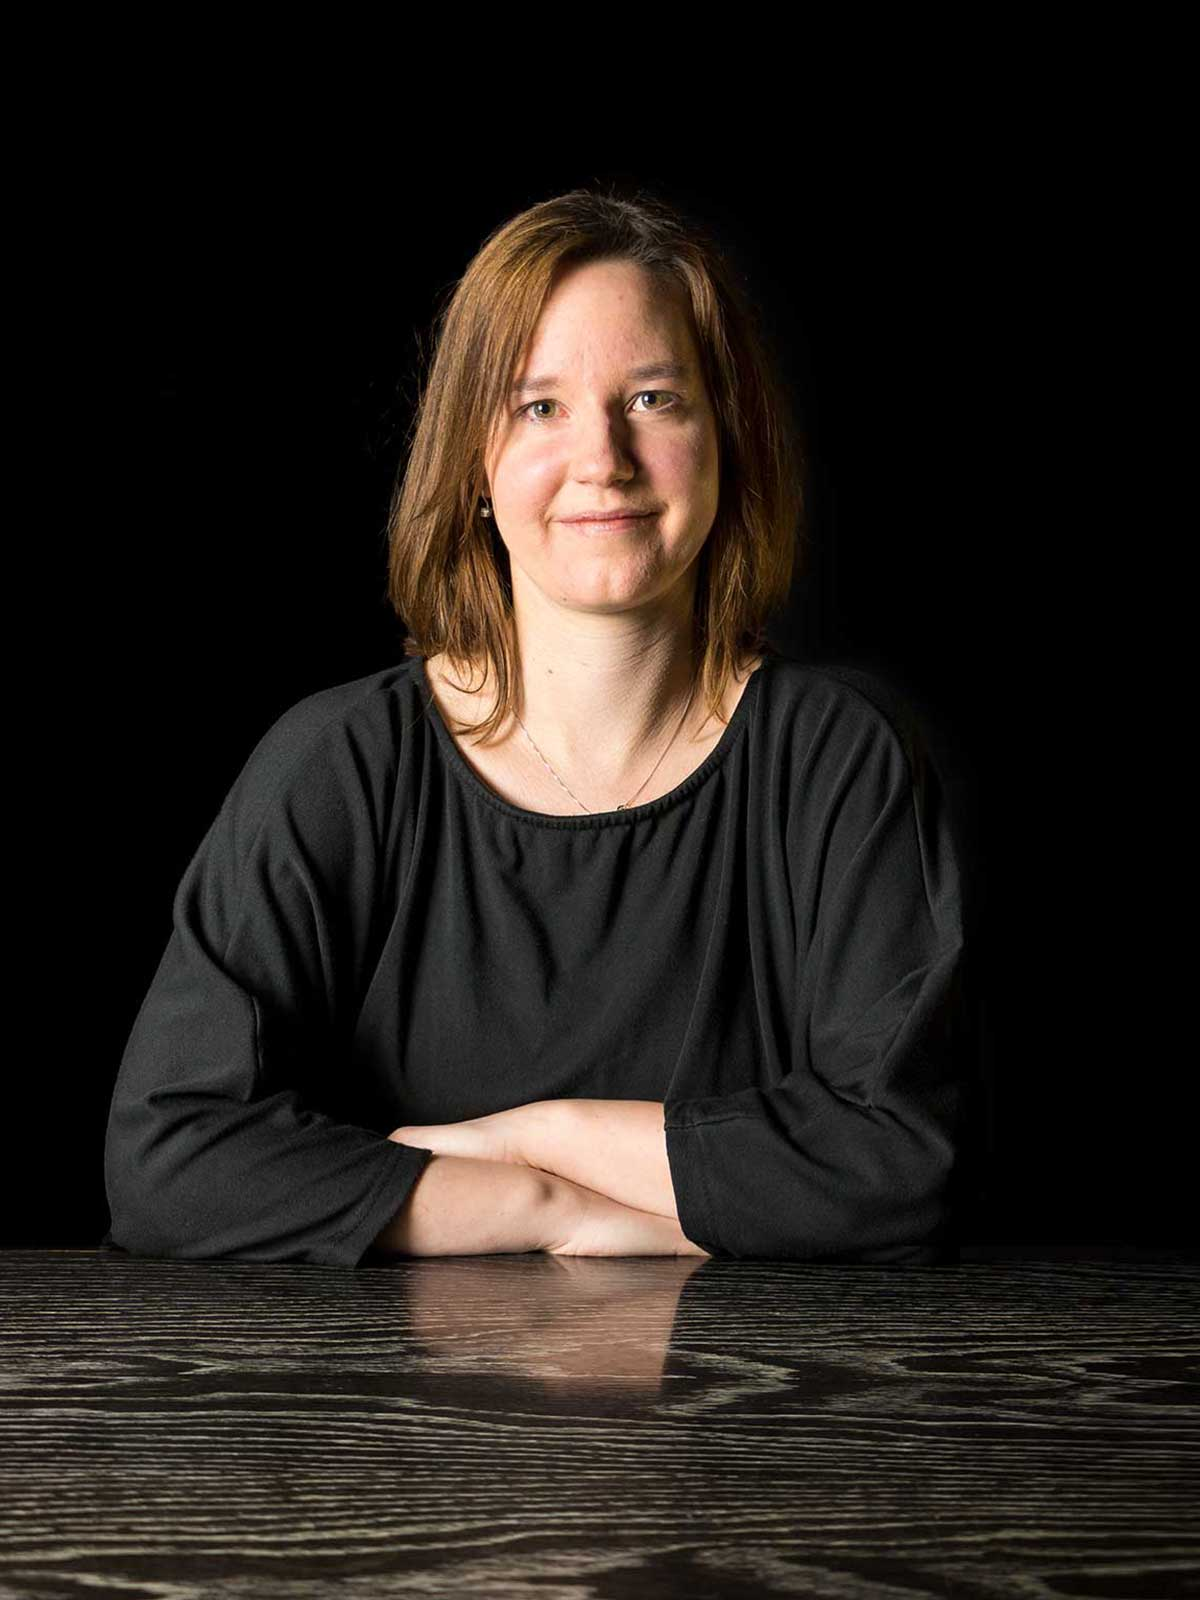 Manuela Keller, eesponsable d'équipe envois postaux et traitement des adresses, expédition, logistique, avd goldach sa